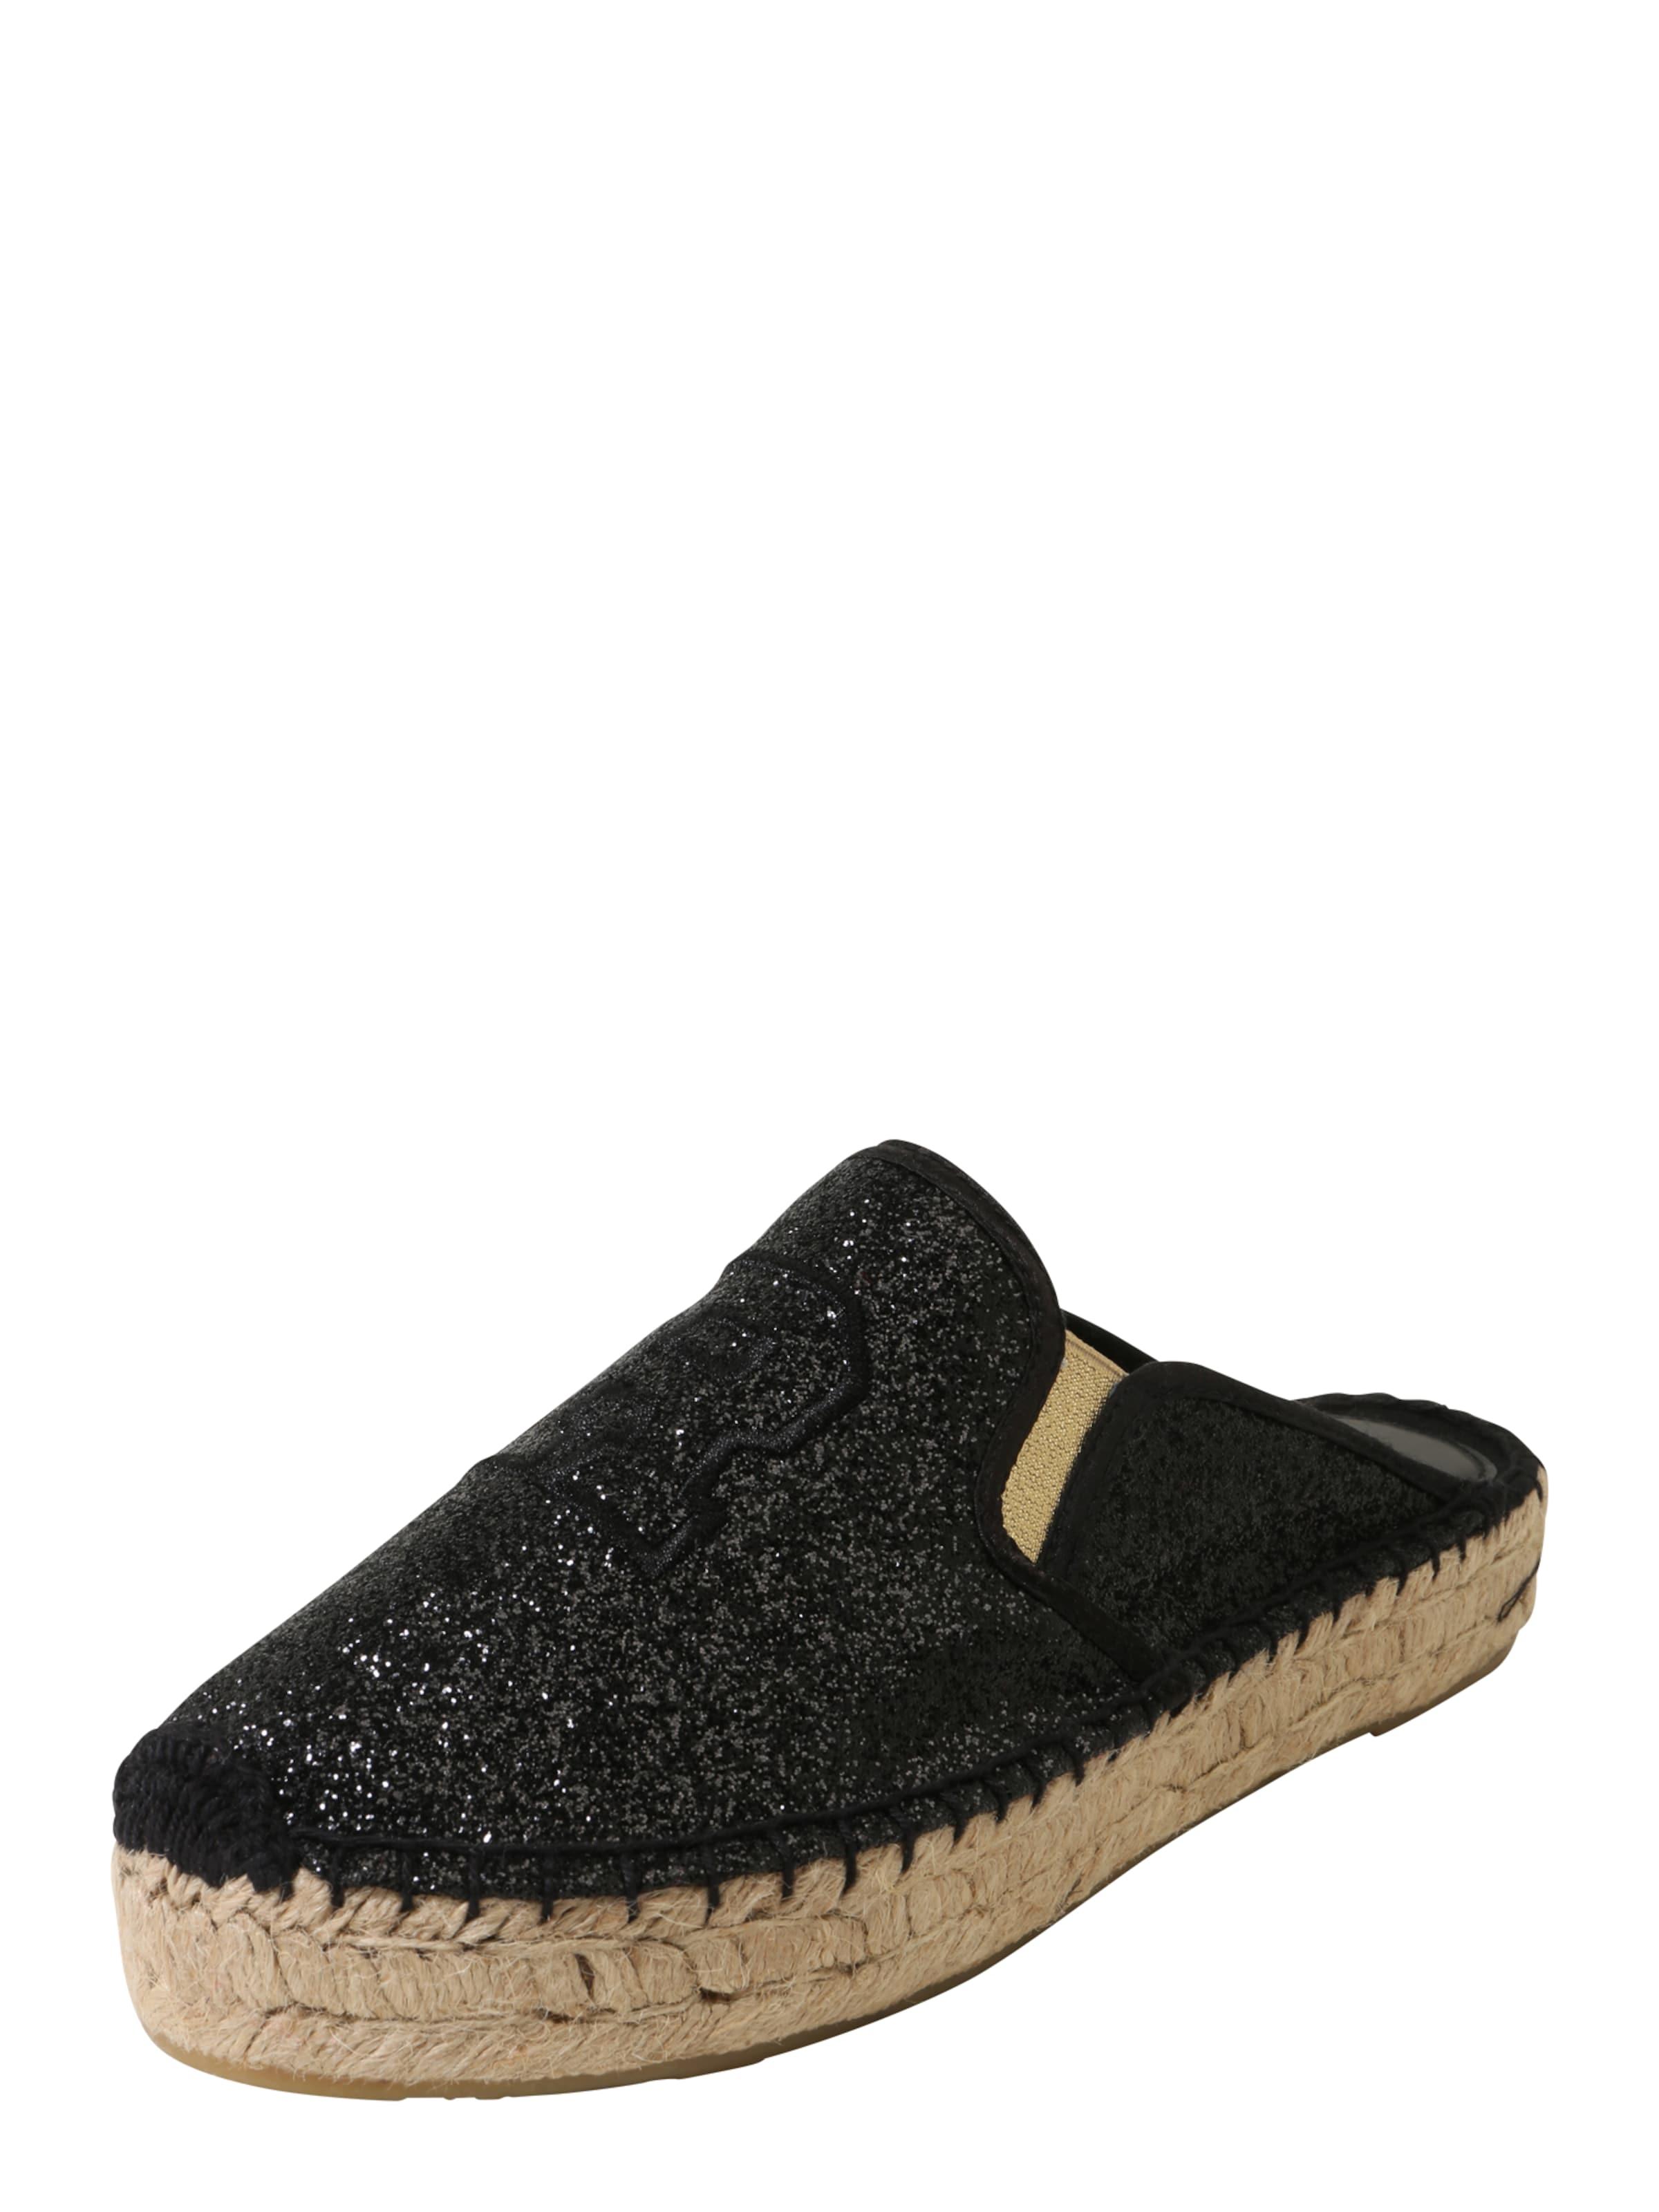 Haltbare Mode billige Schuhe REPLAY | Pantoletten  'LIANA' Schuhe Gut getragene Schuhe